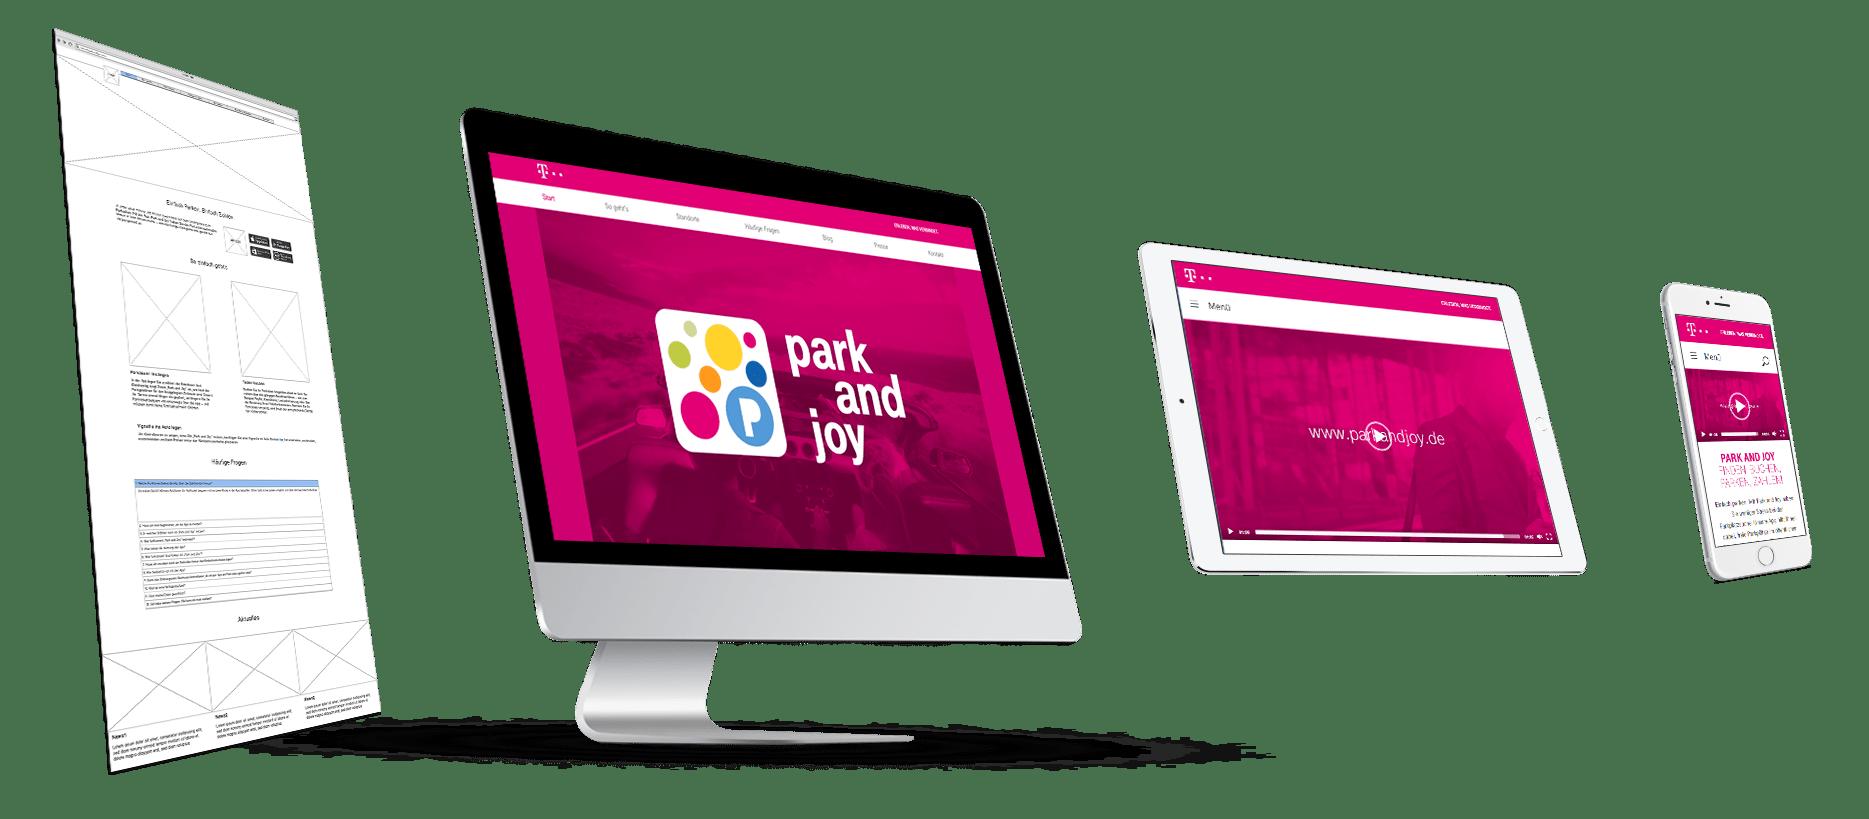 Deutsche Telekom Park and Joy Hero Shot